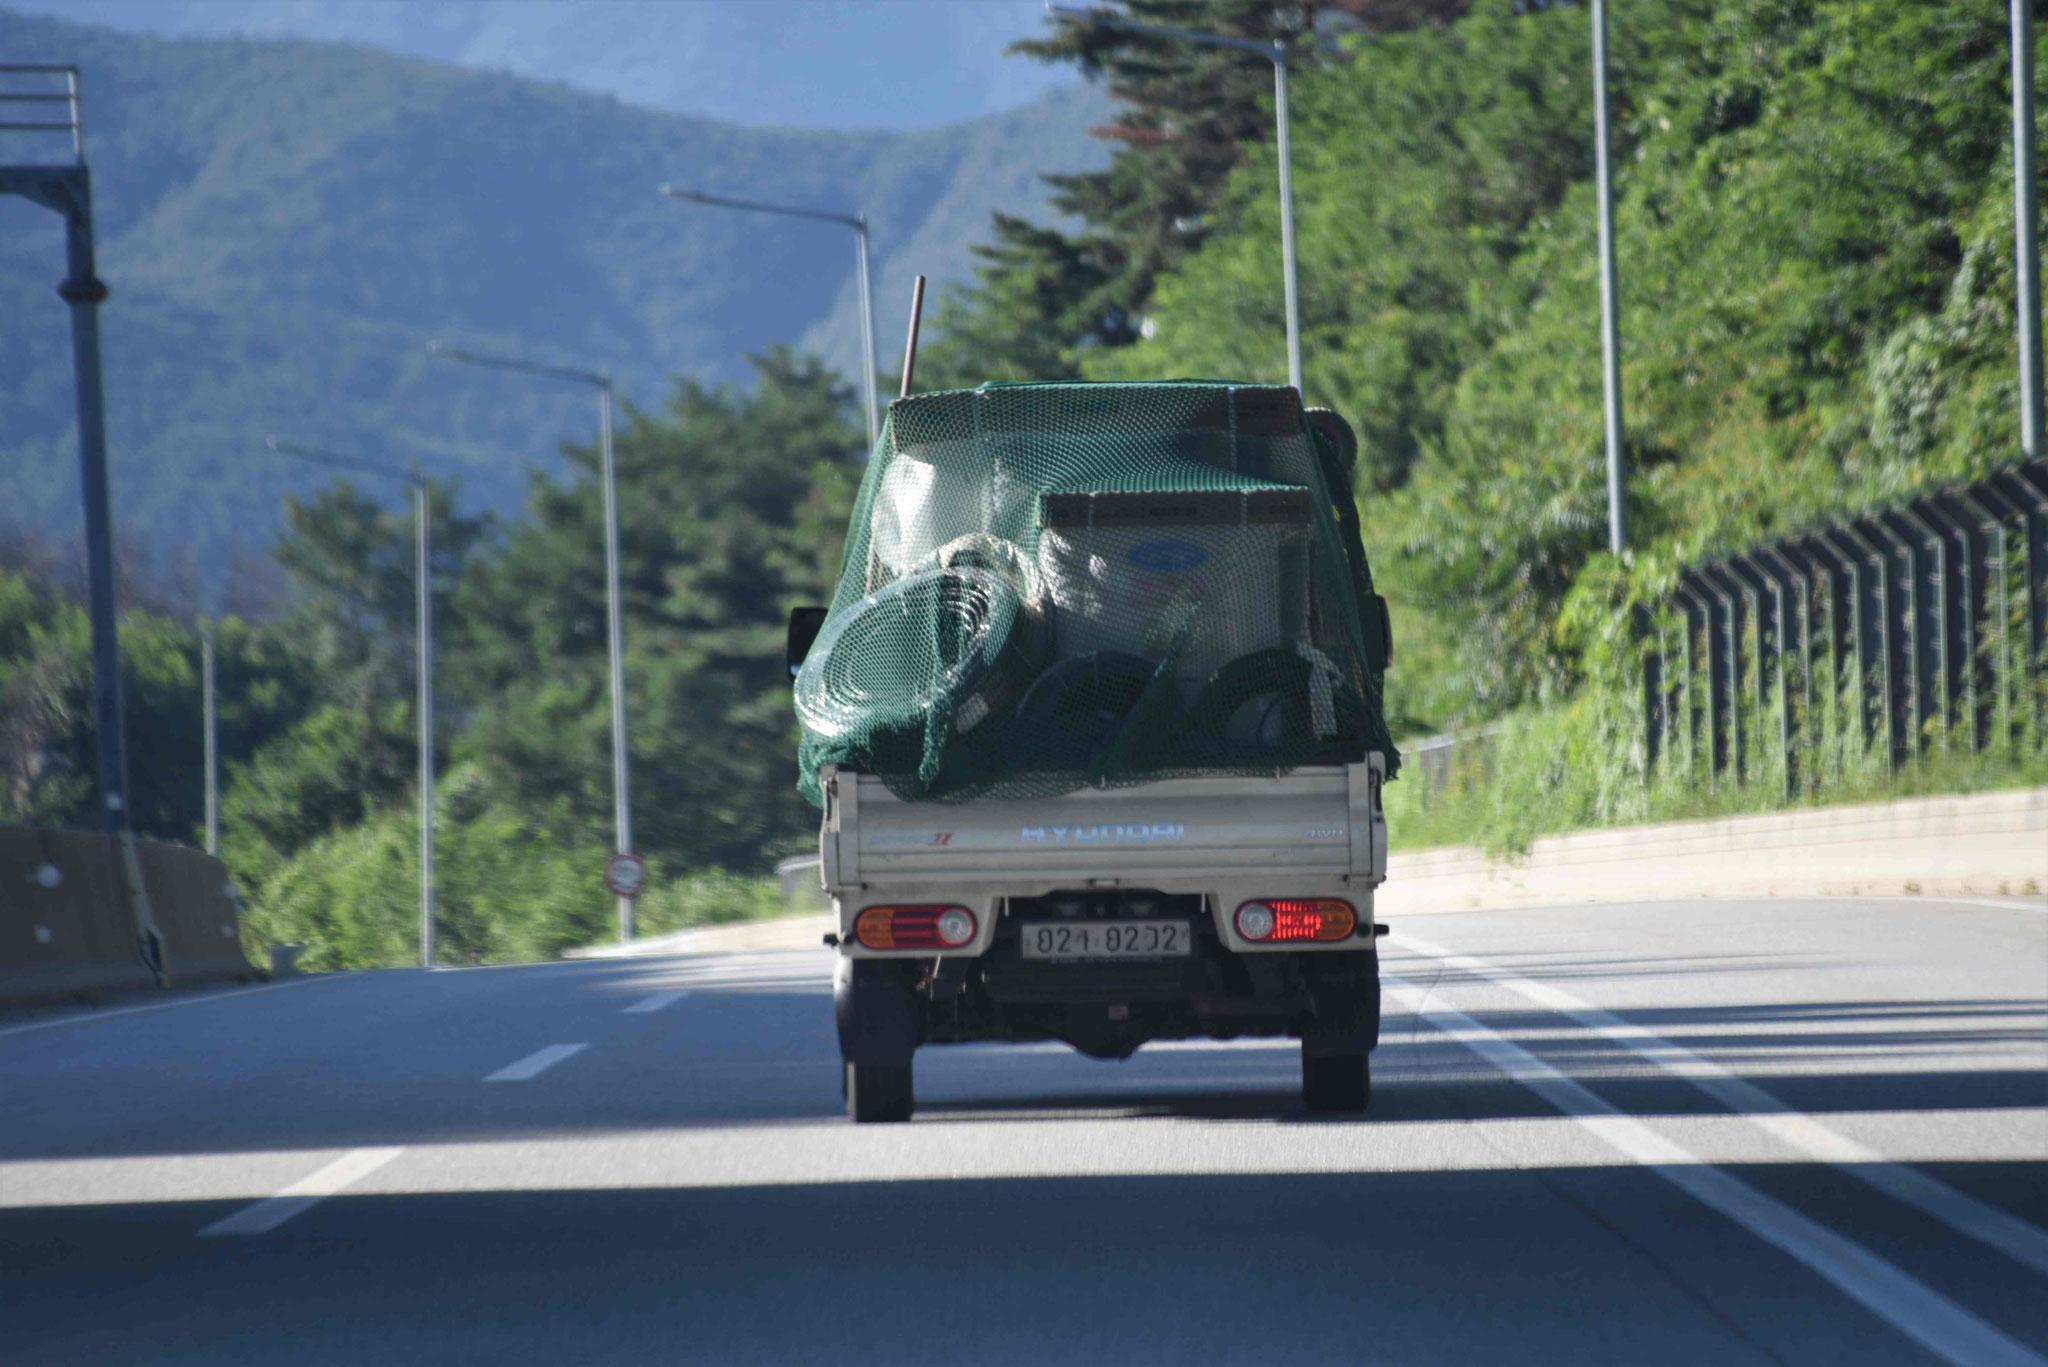 Transportsicherung?